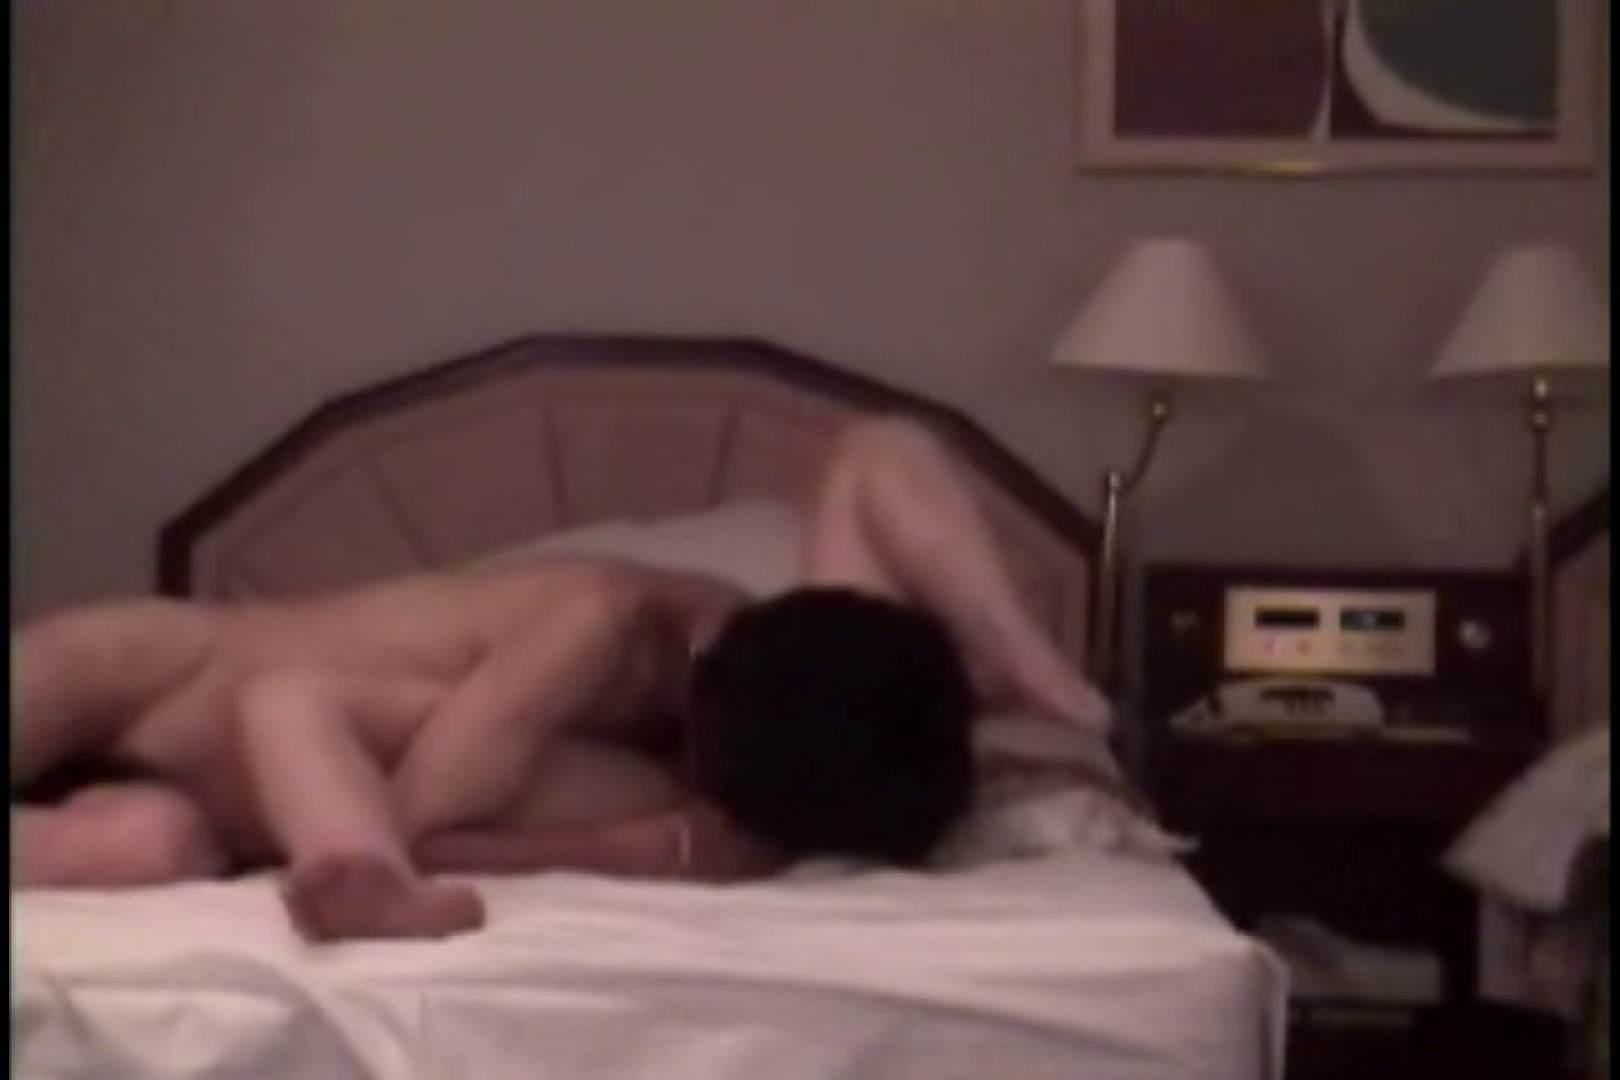 ホテルに抱かれに来る美熟女 熟女のエッチ | 一般投稿  104pic 16